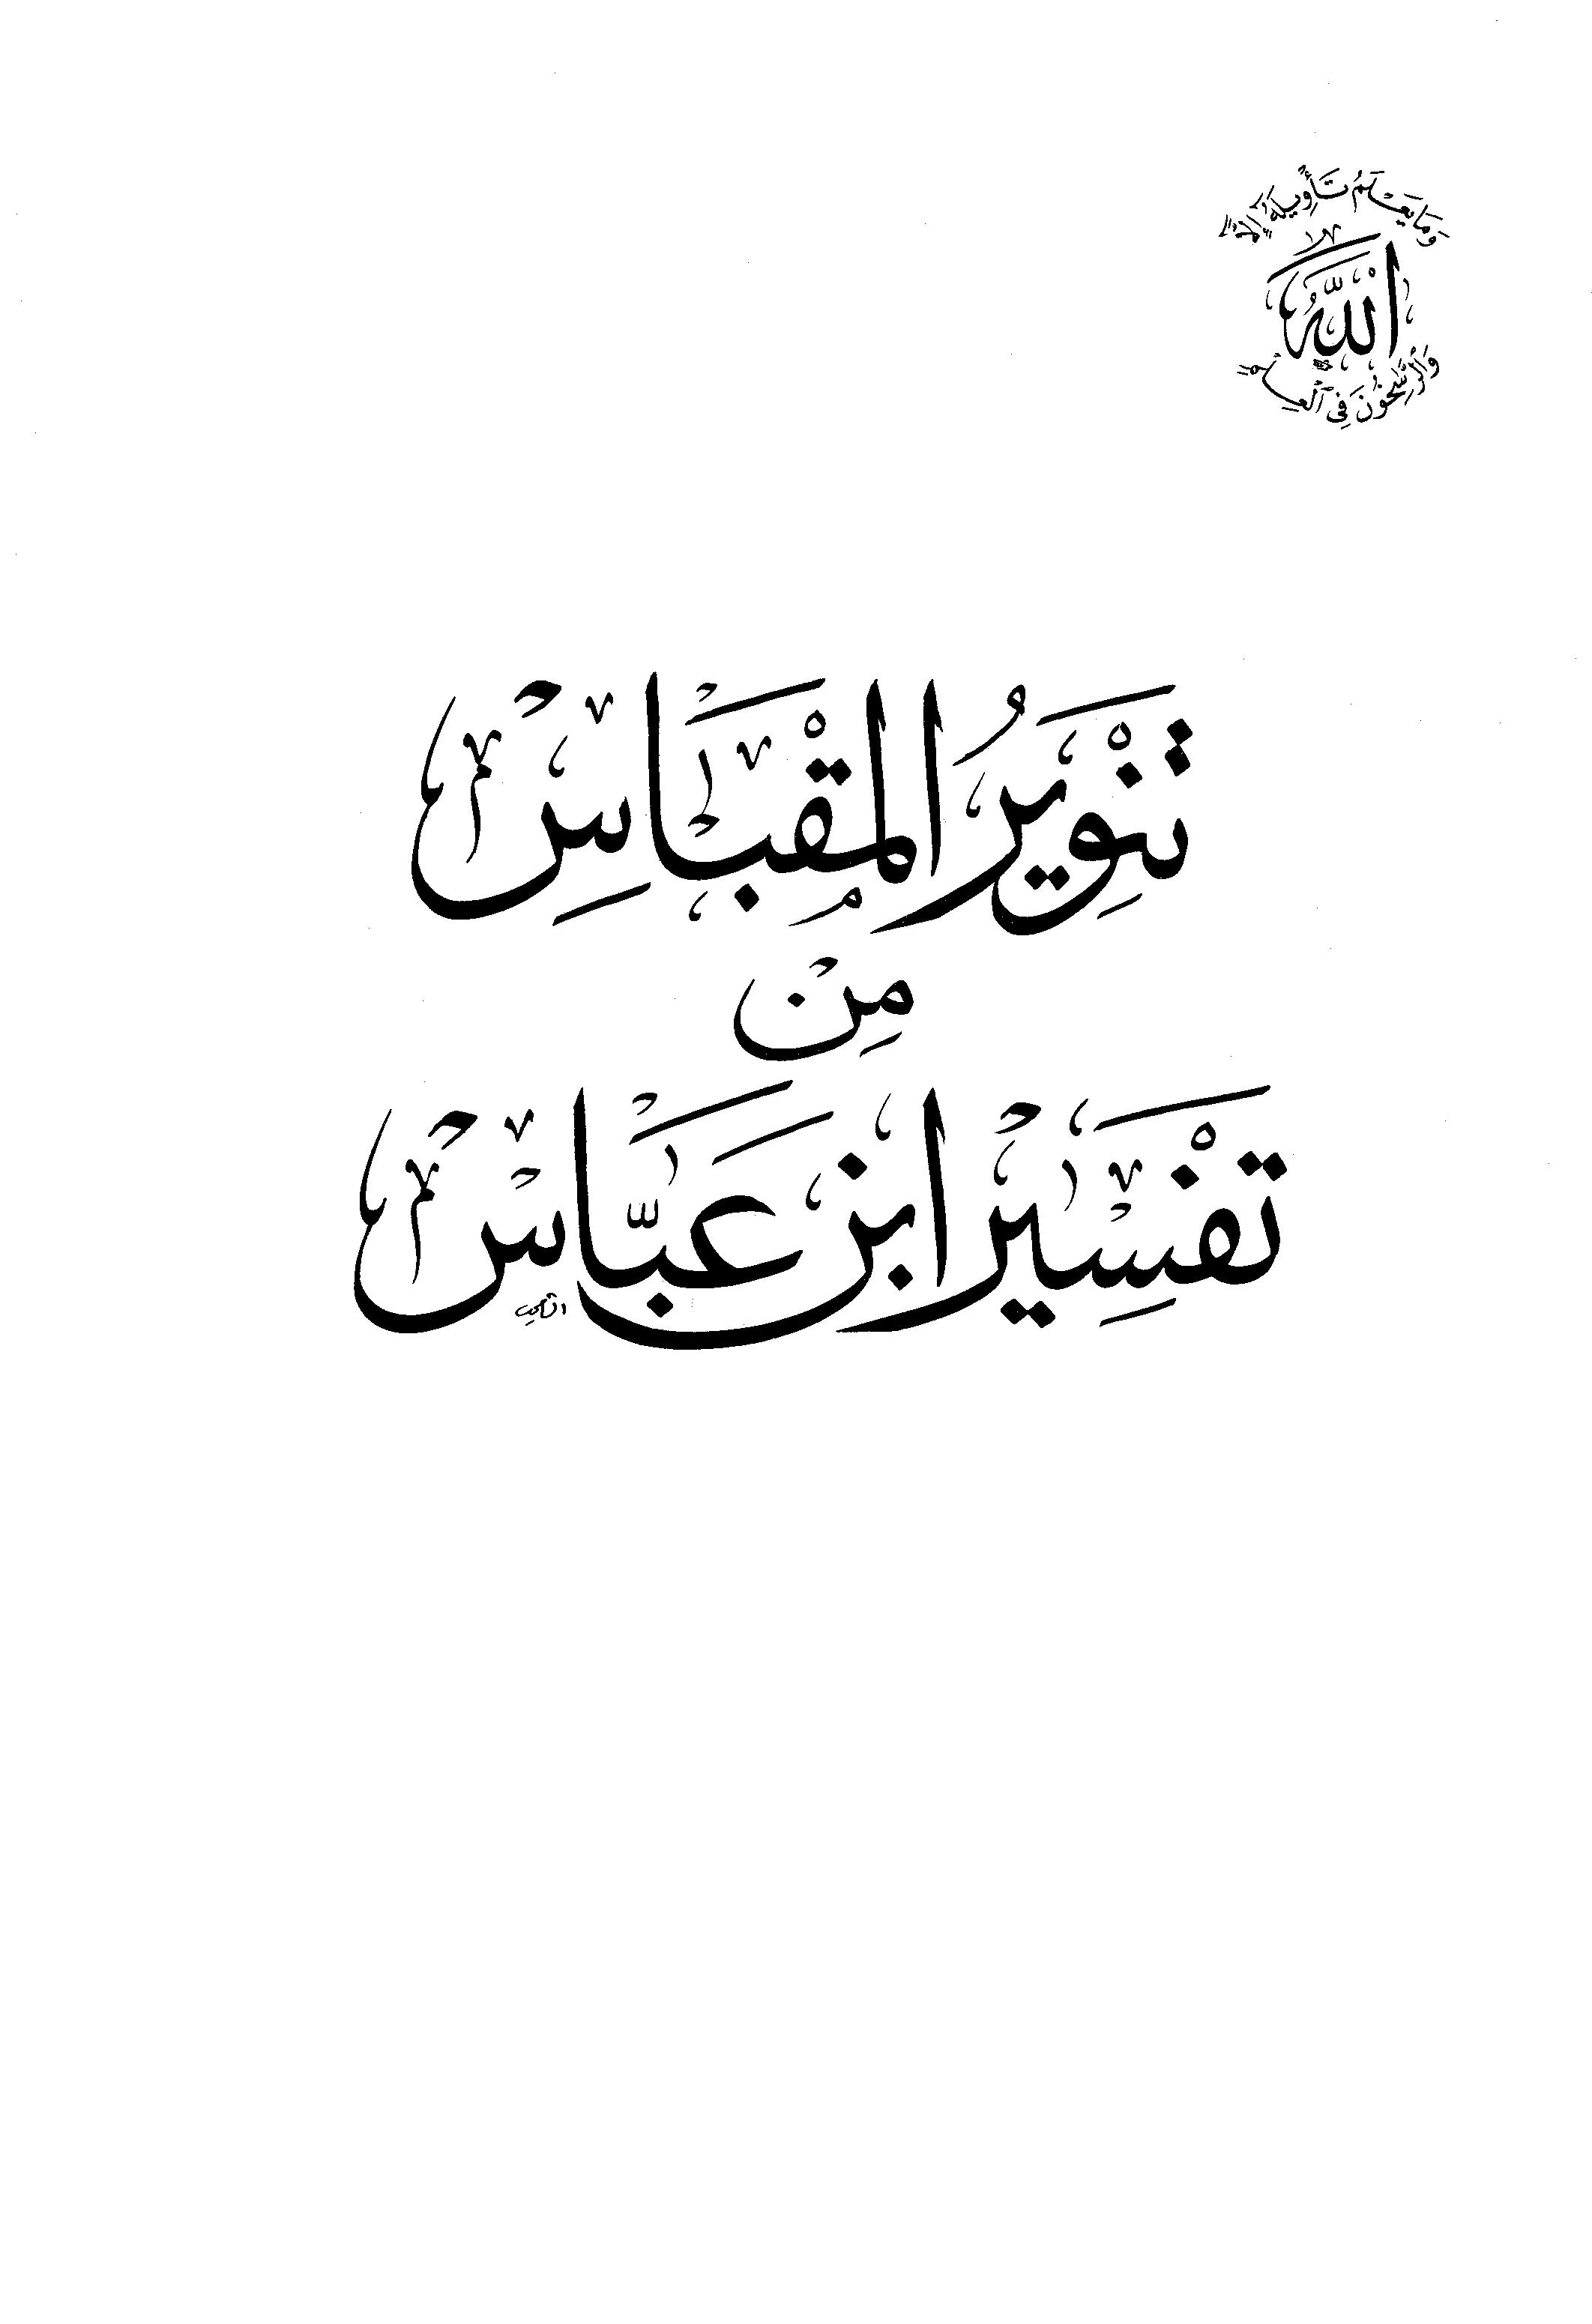 تحميل كتاب تنوير المقباس من تفسير ابن عباس (ط. العلمية) لـِ: الإمام مجد الدين أبو طاهر محمد بن يعقوب الفيروزآبادي (ت 817)